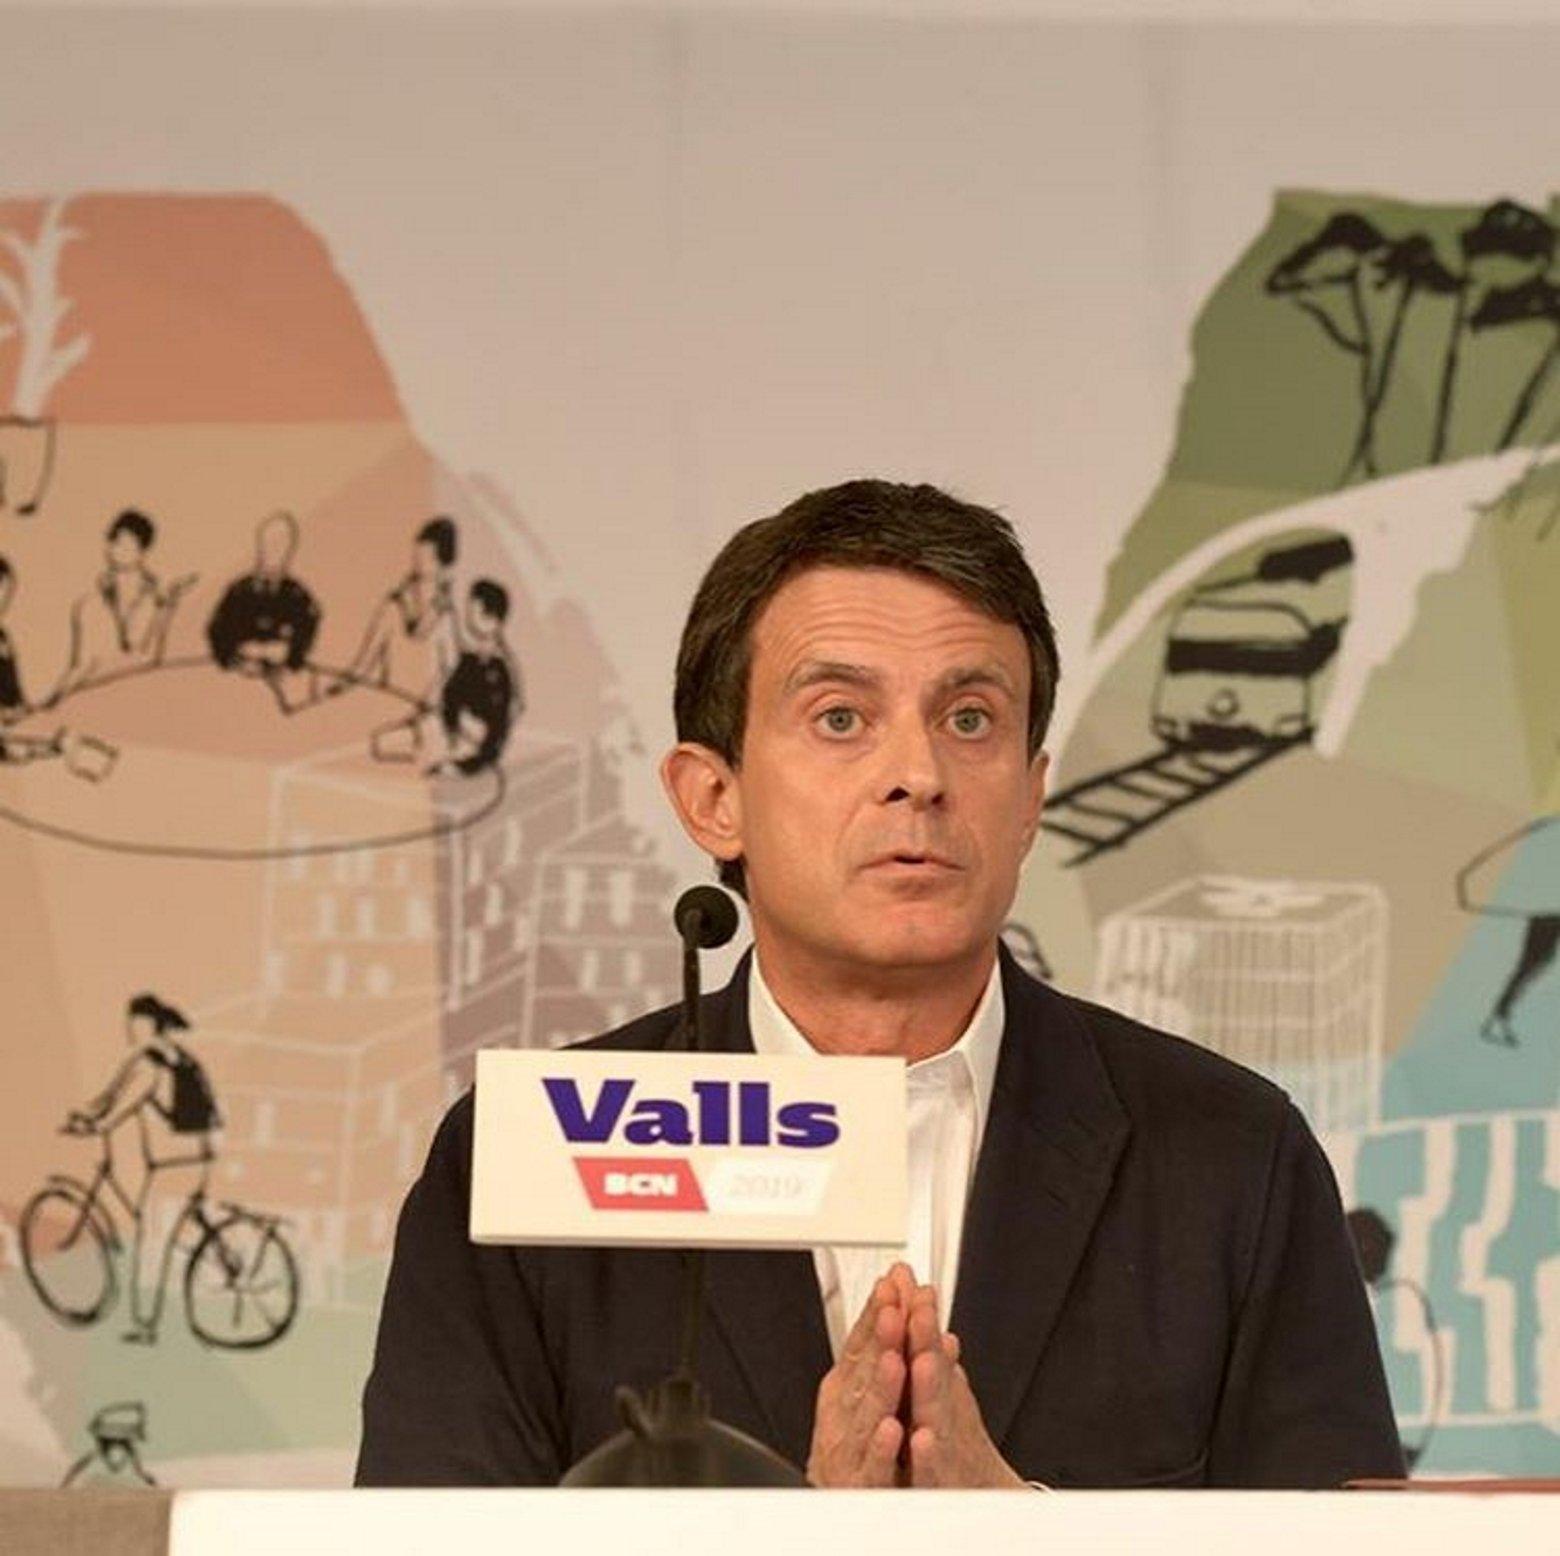 Manuel Valls cara @manuelvallsbcn